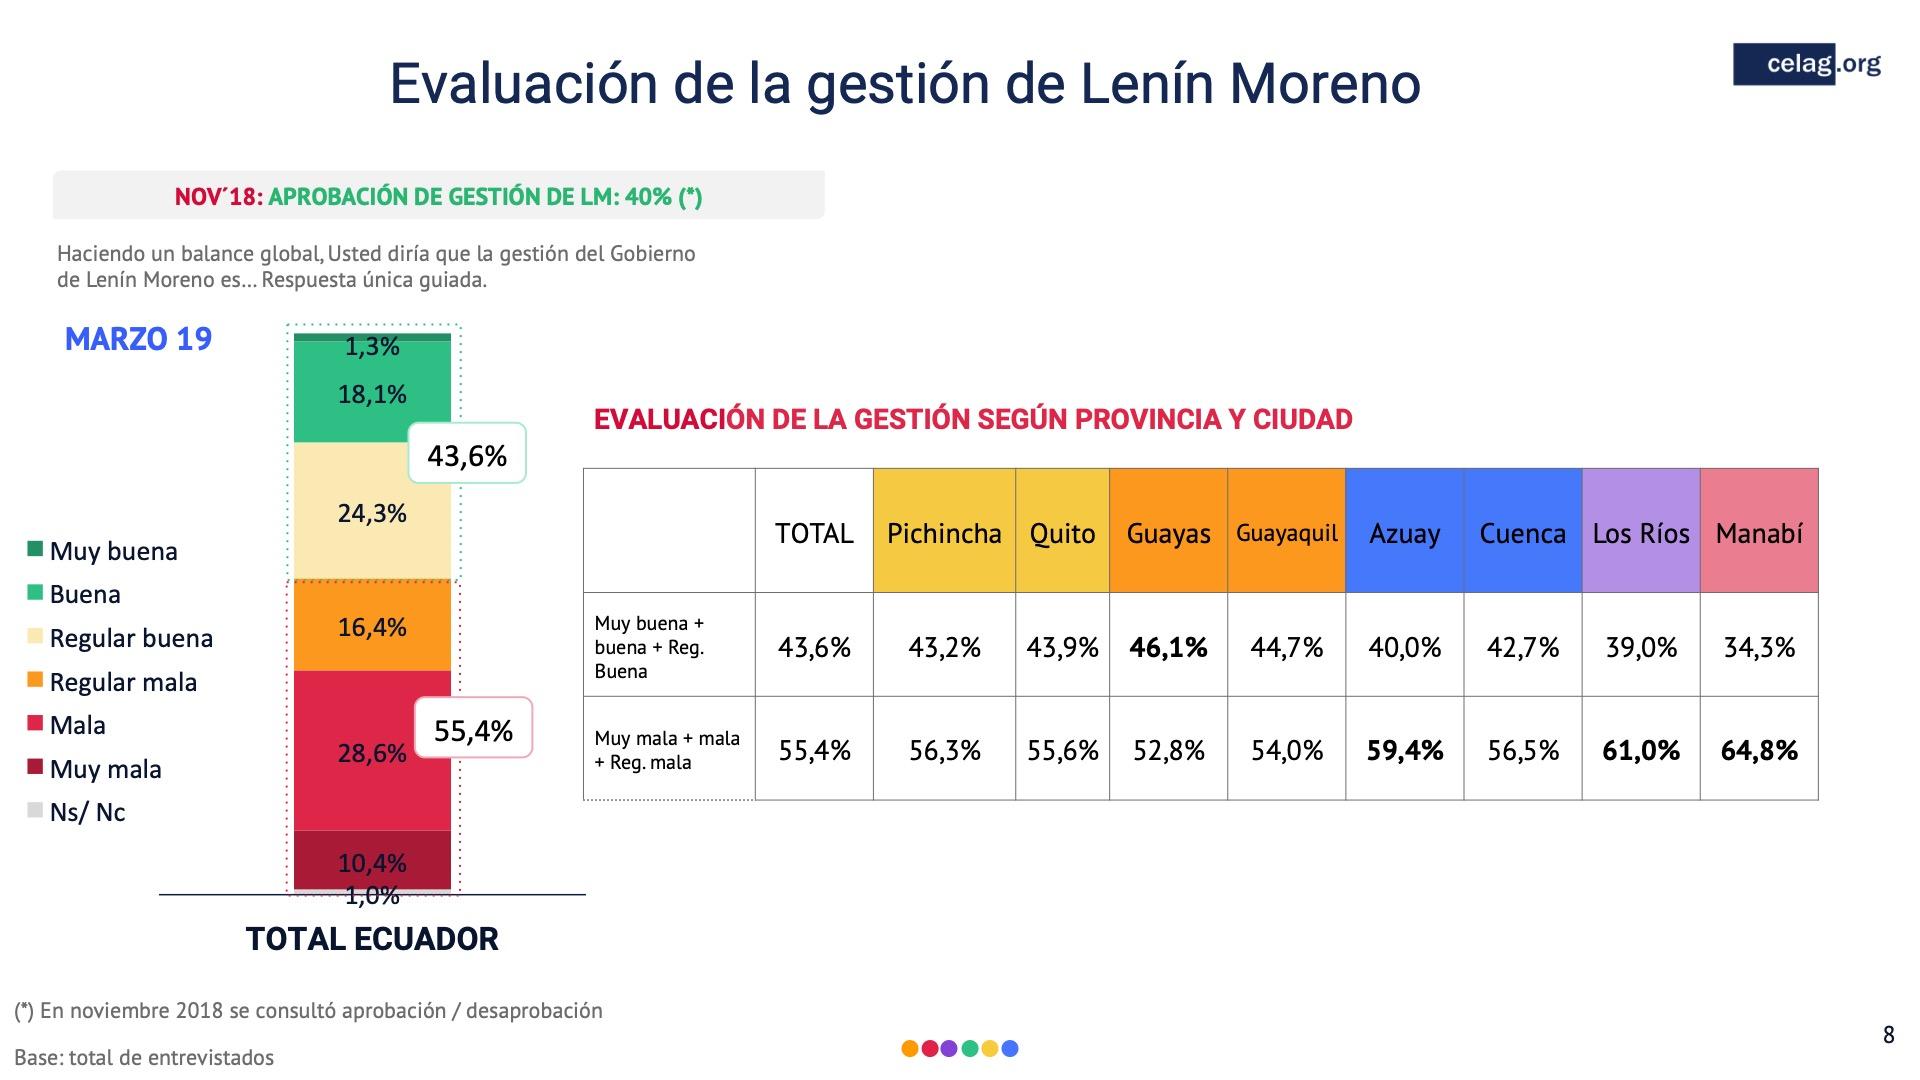 08 Evaluacion de la gestion Lenin Moreno